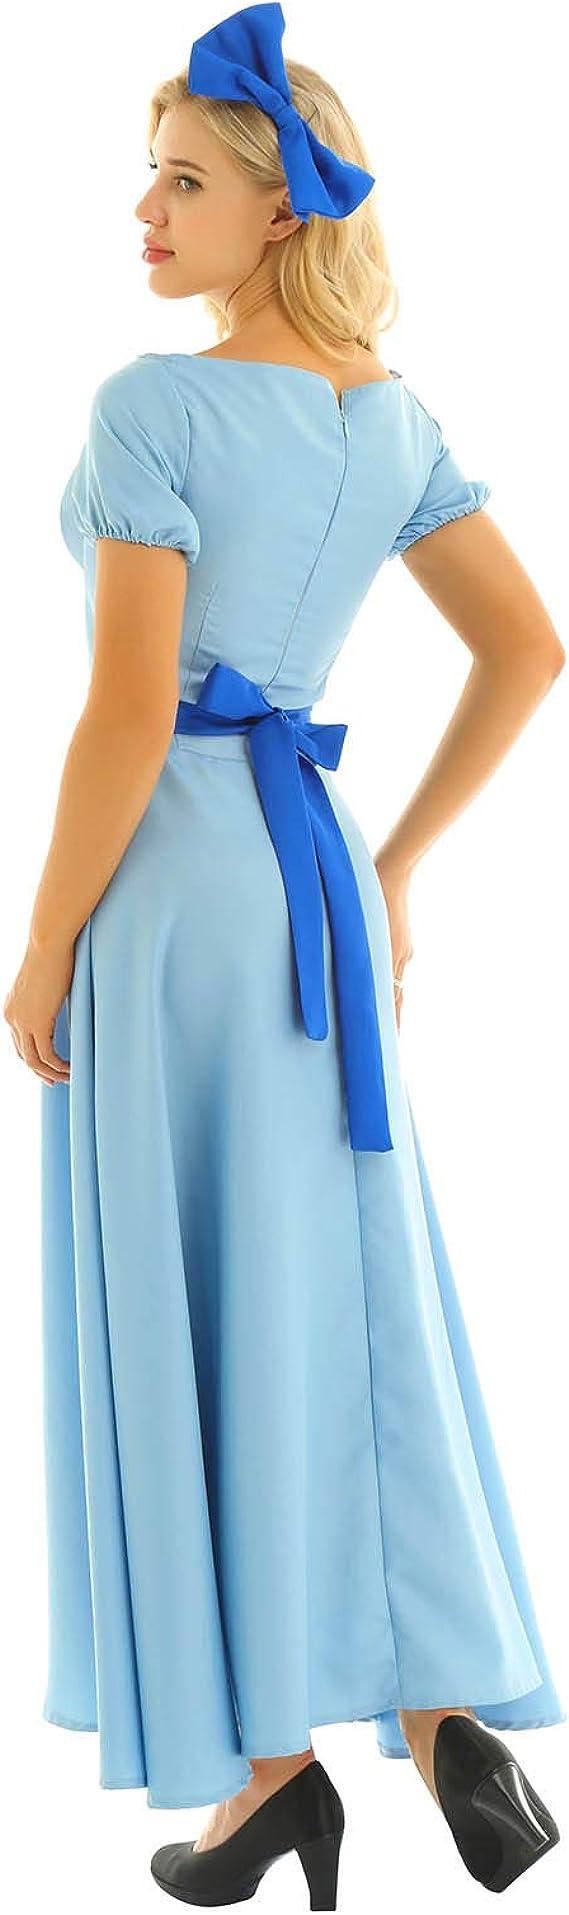 MSemis Disfraz Princesa Wendy Mujer Vestido Princesa Azul para ...